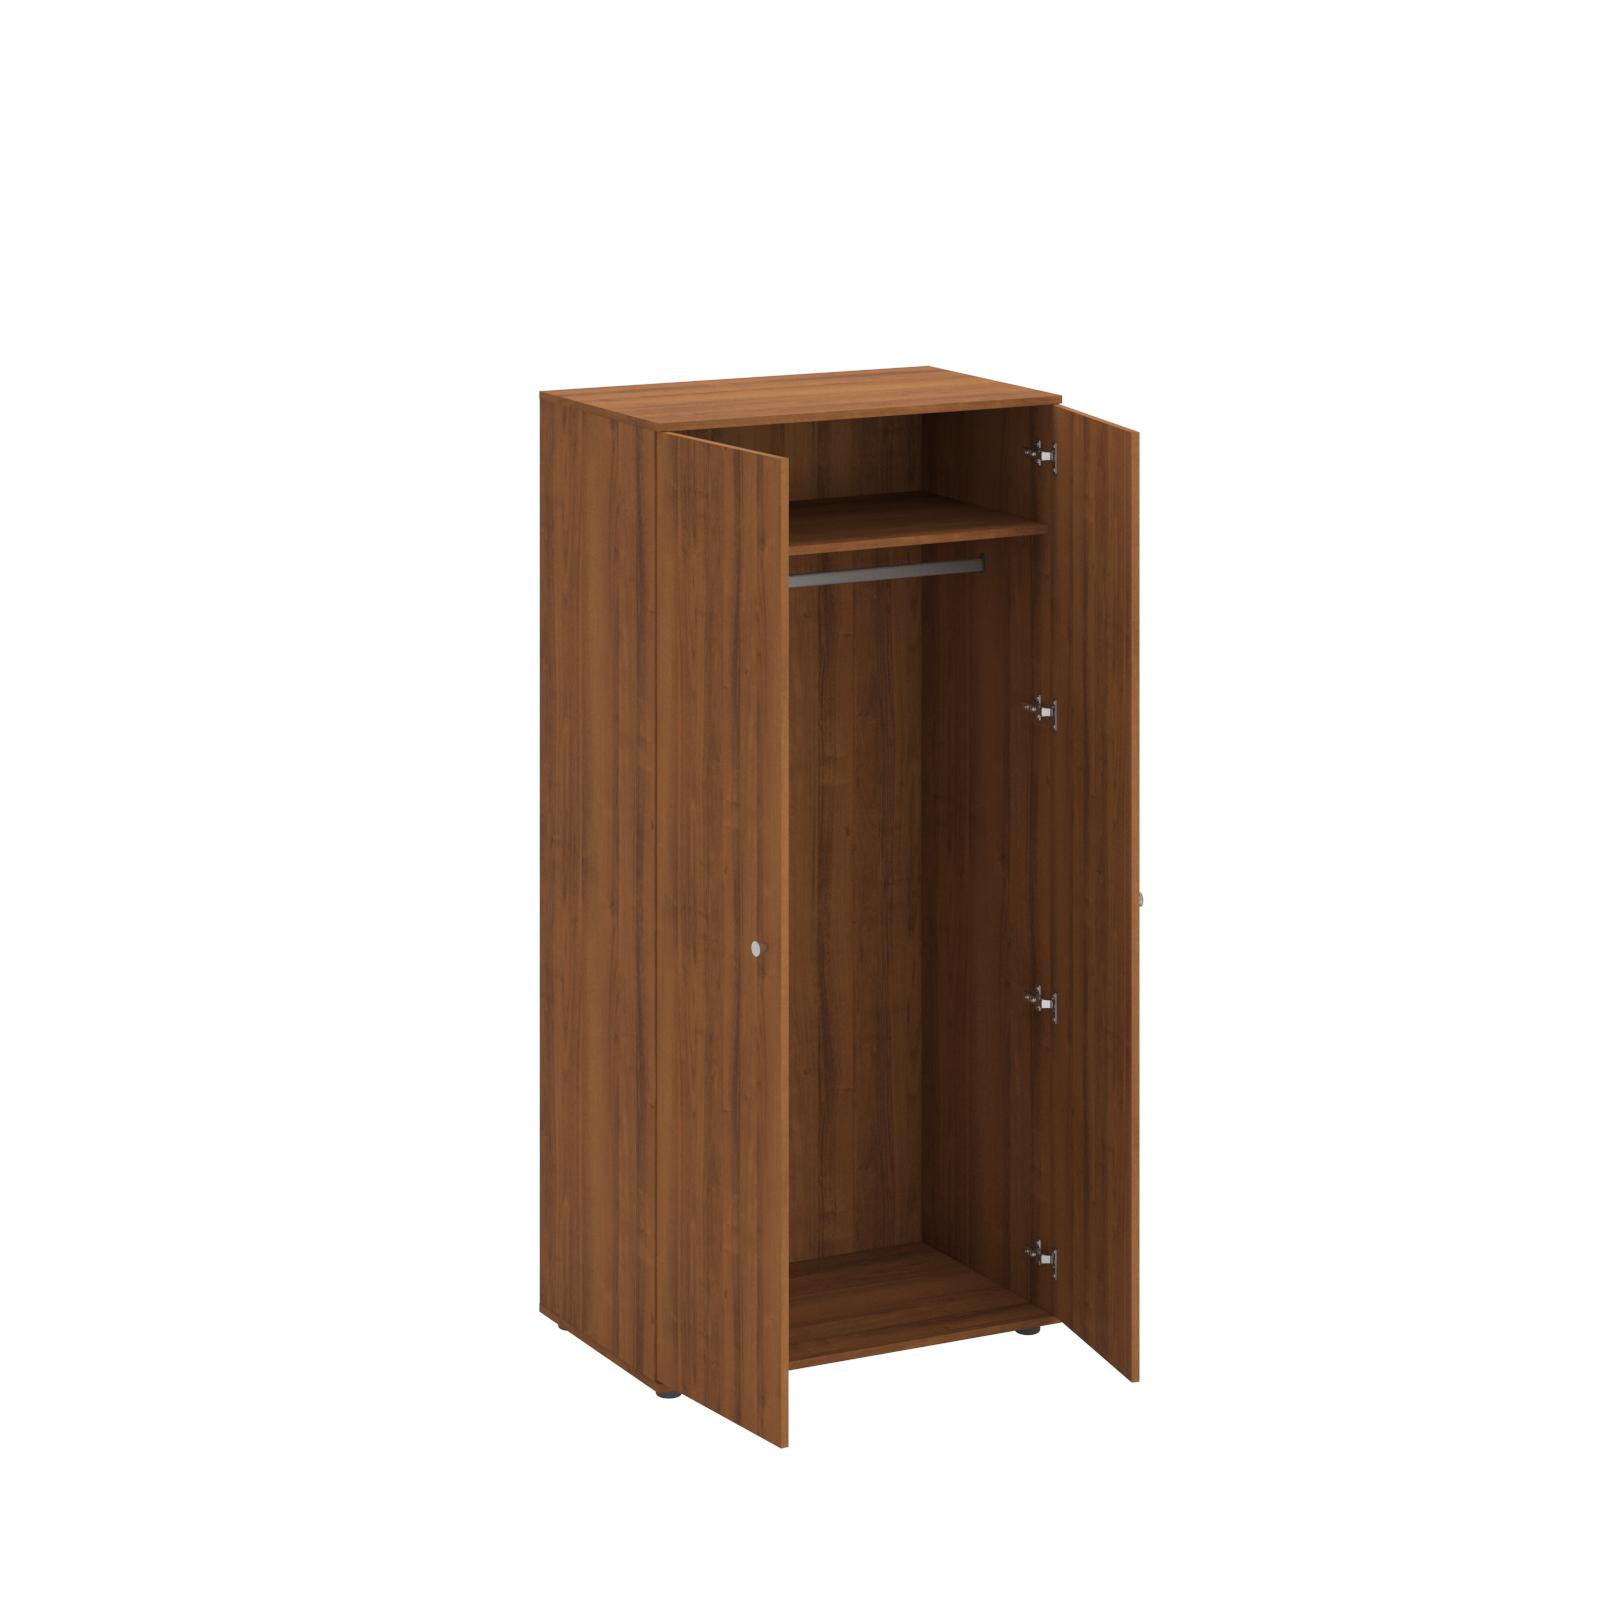 Шкаф для одежды двухстворчатый (верхняя полка и штанга для вешалок)